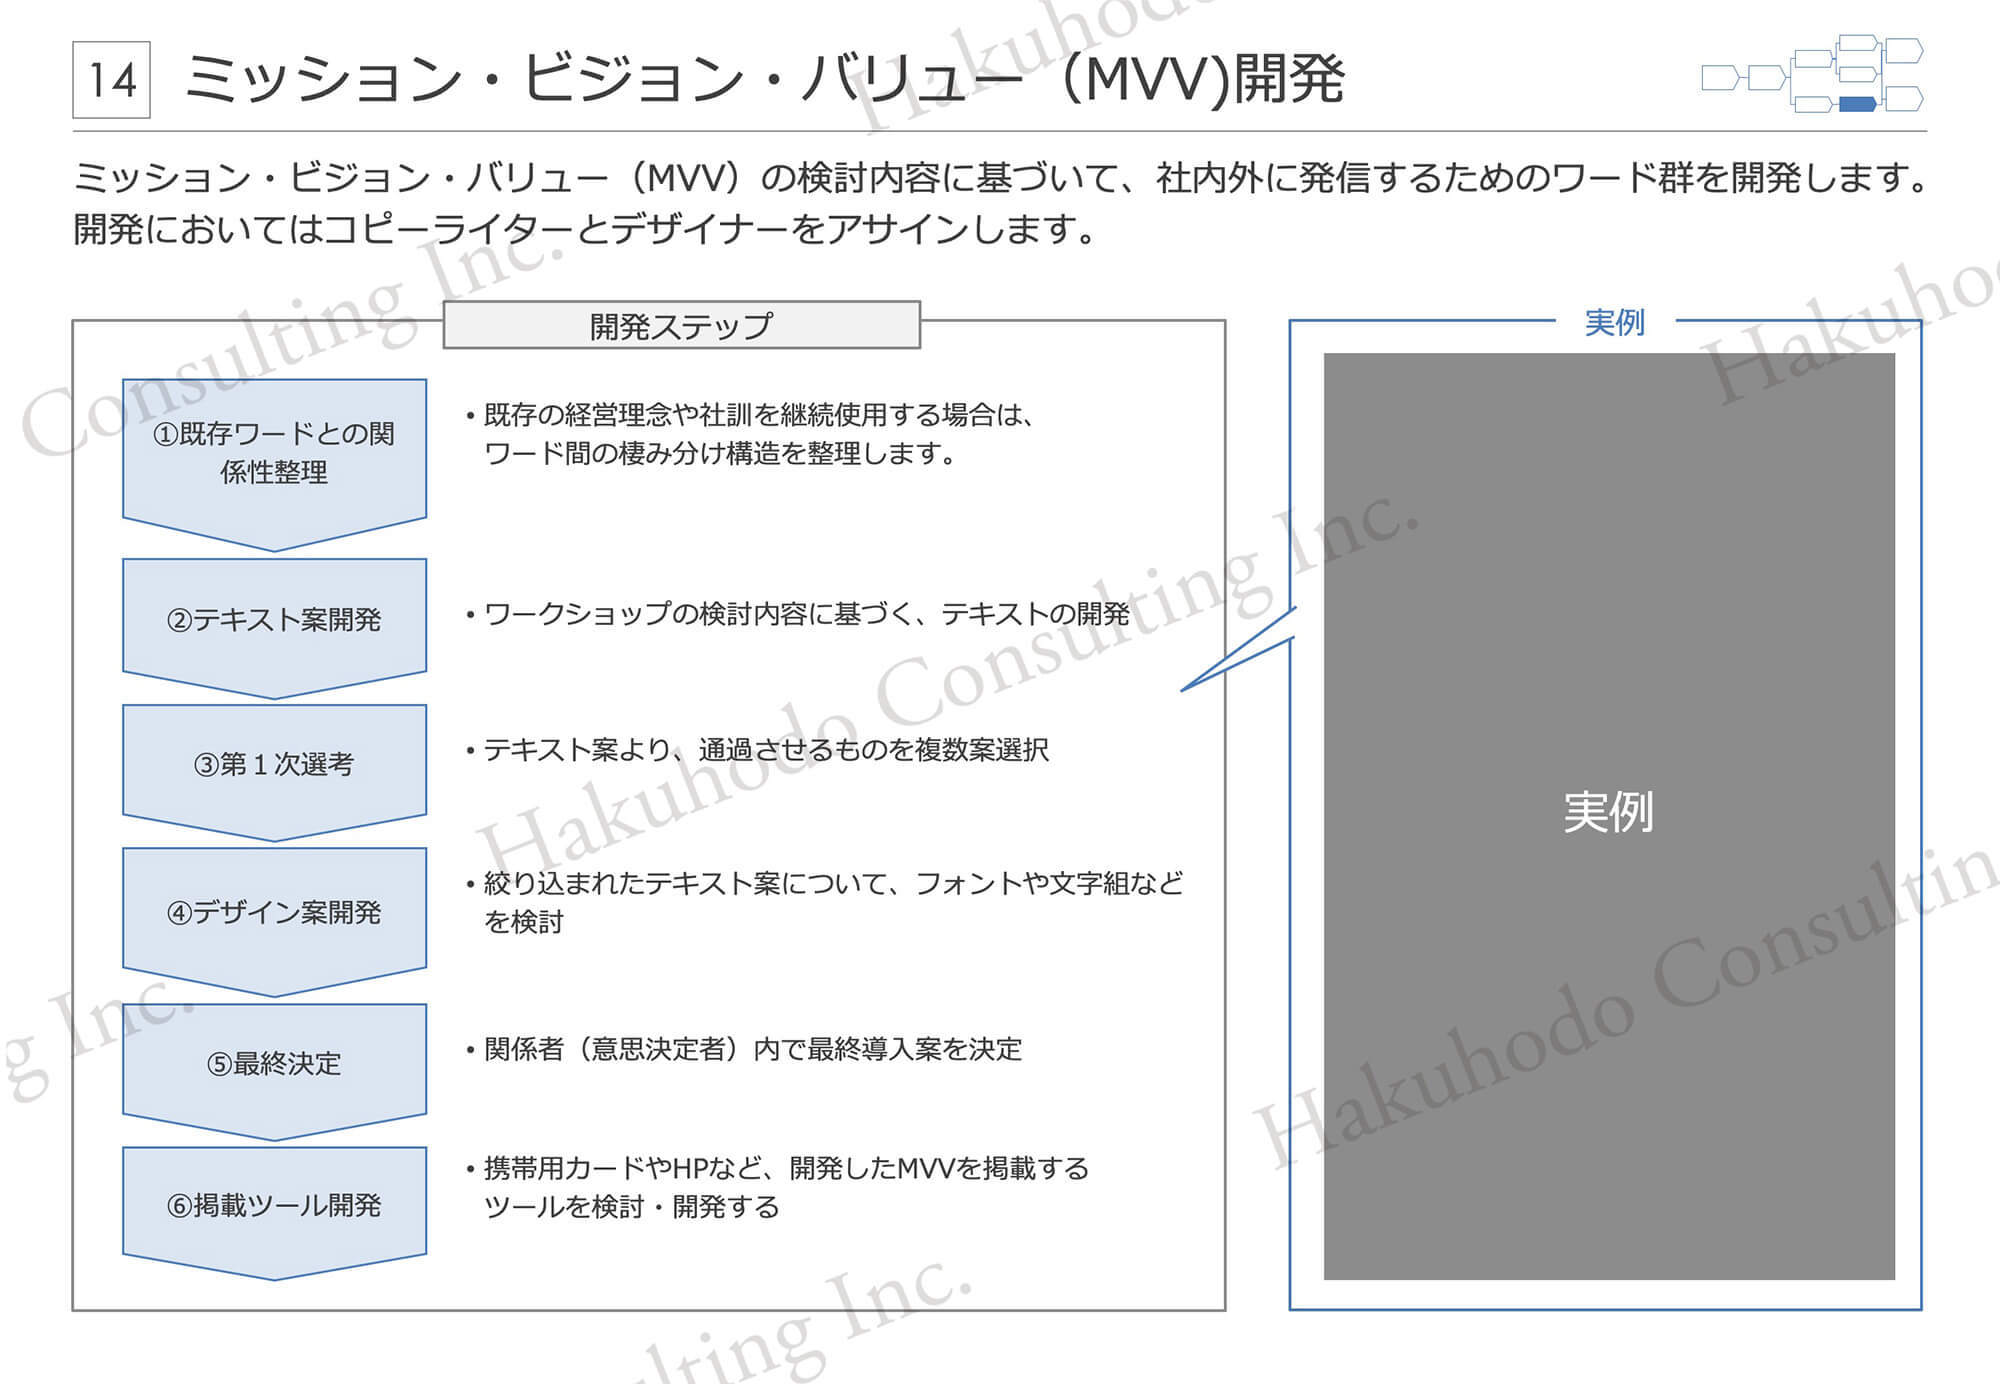 ミッション・ビジョン・バリュー(MVV)の検討内容に基づいて、社内外に発信するためのワード群を開発します。開発においてはコピーライターとデザイナーをアサインします。